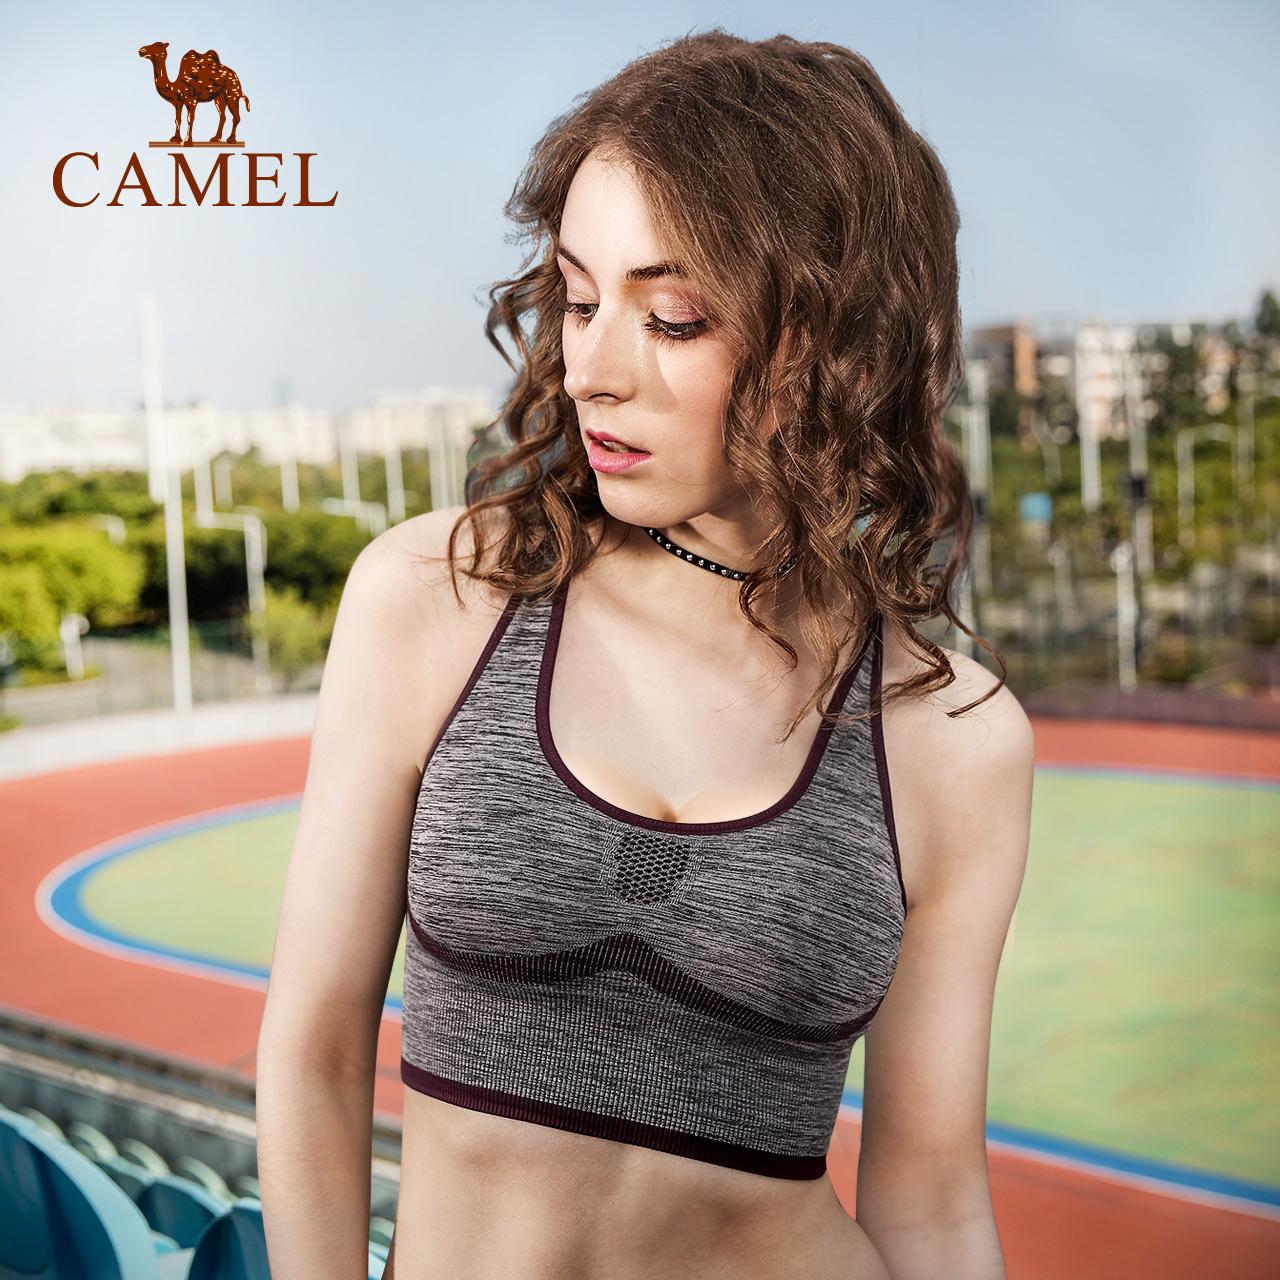 骆驼运动内衣女春夏季瑜伽健身跑步文胸吸湿排汗速干运动女背心